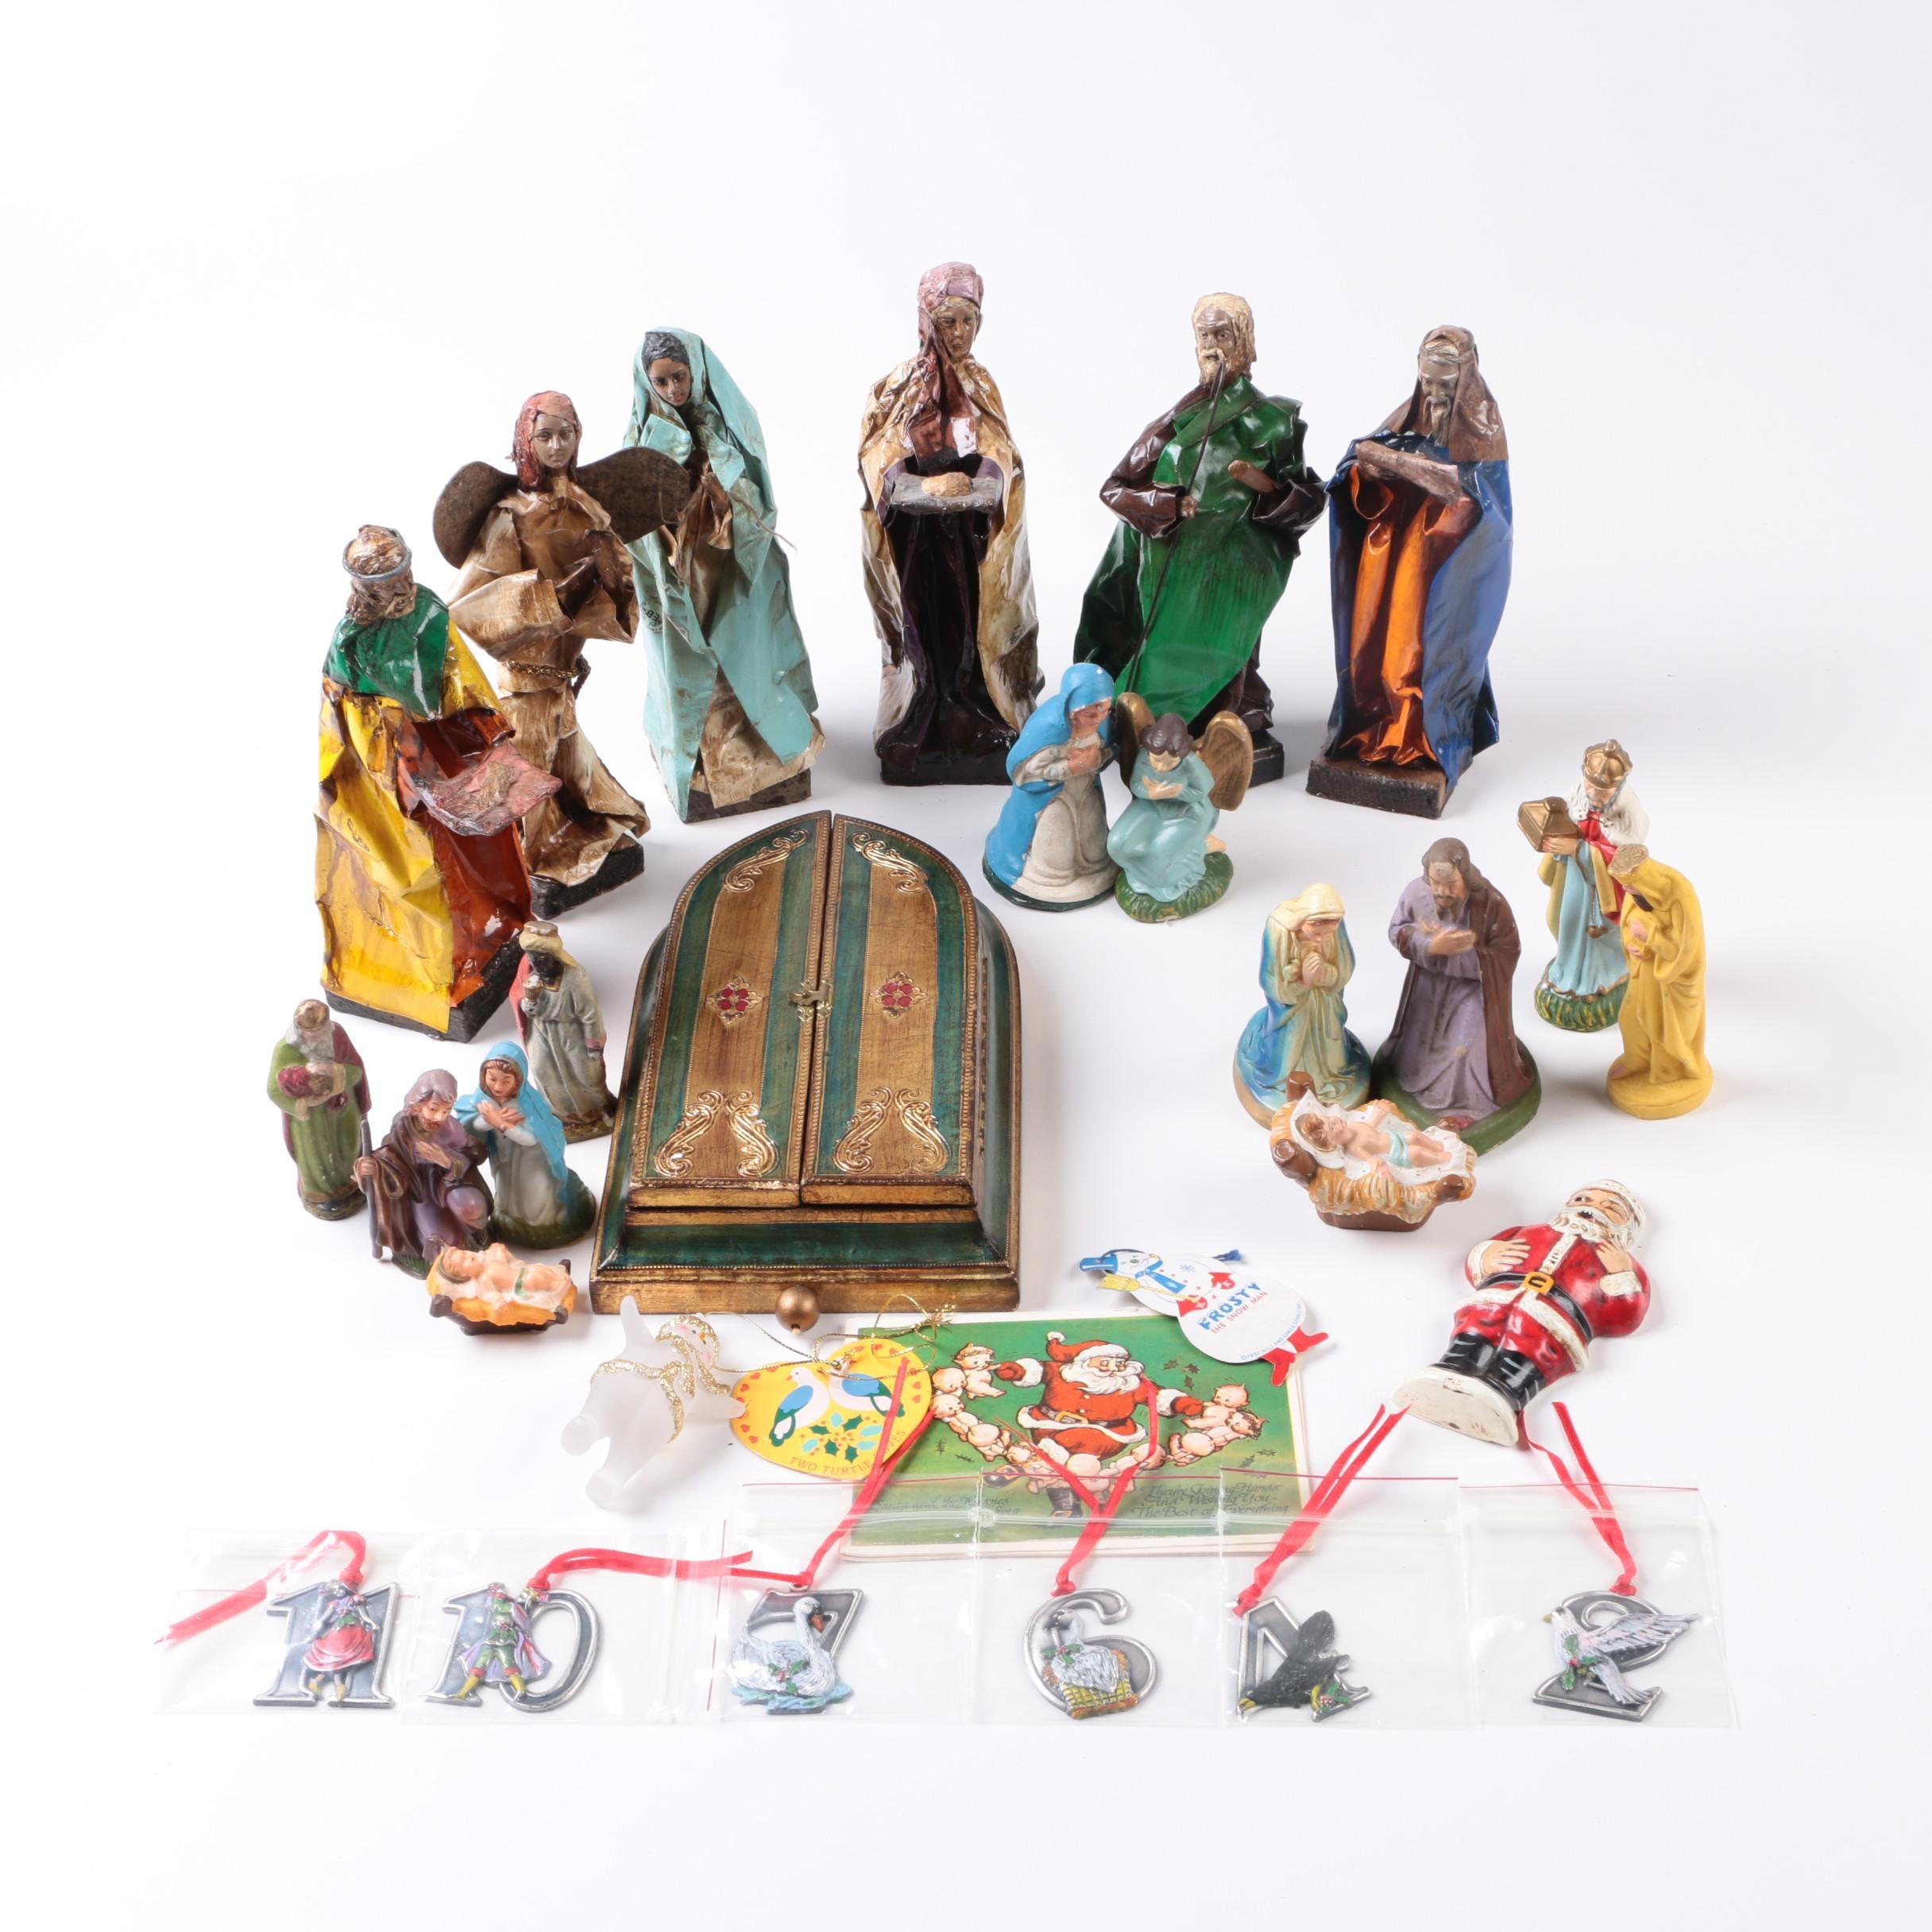 Christmas Figurine and Decor Collection